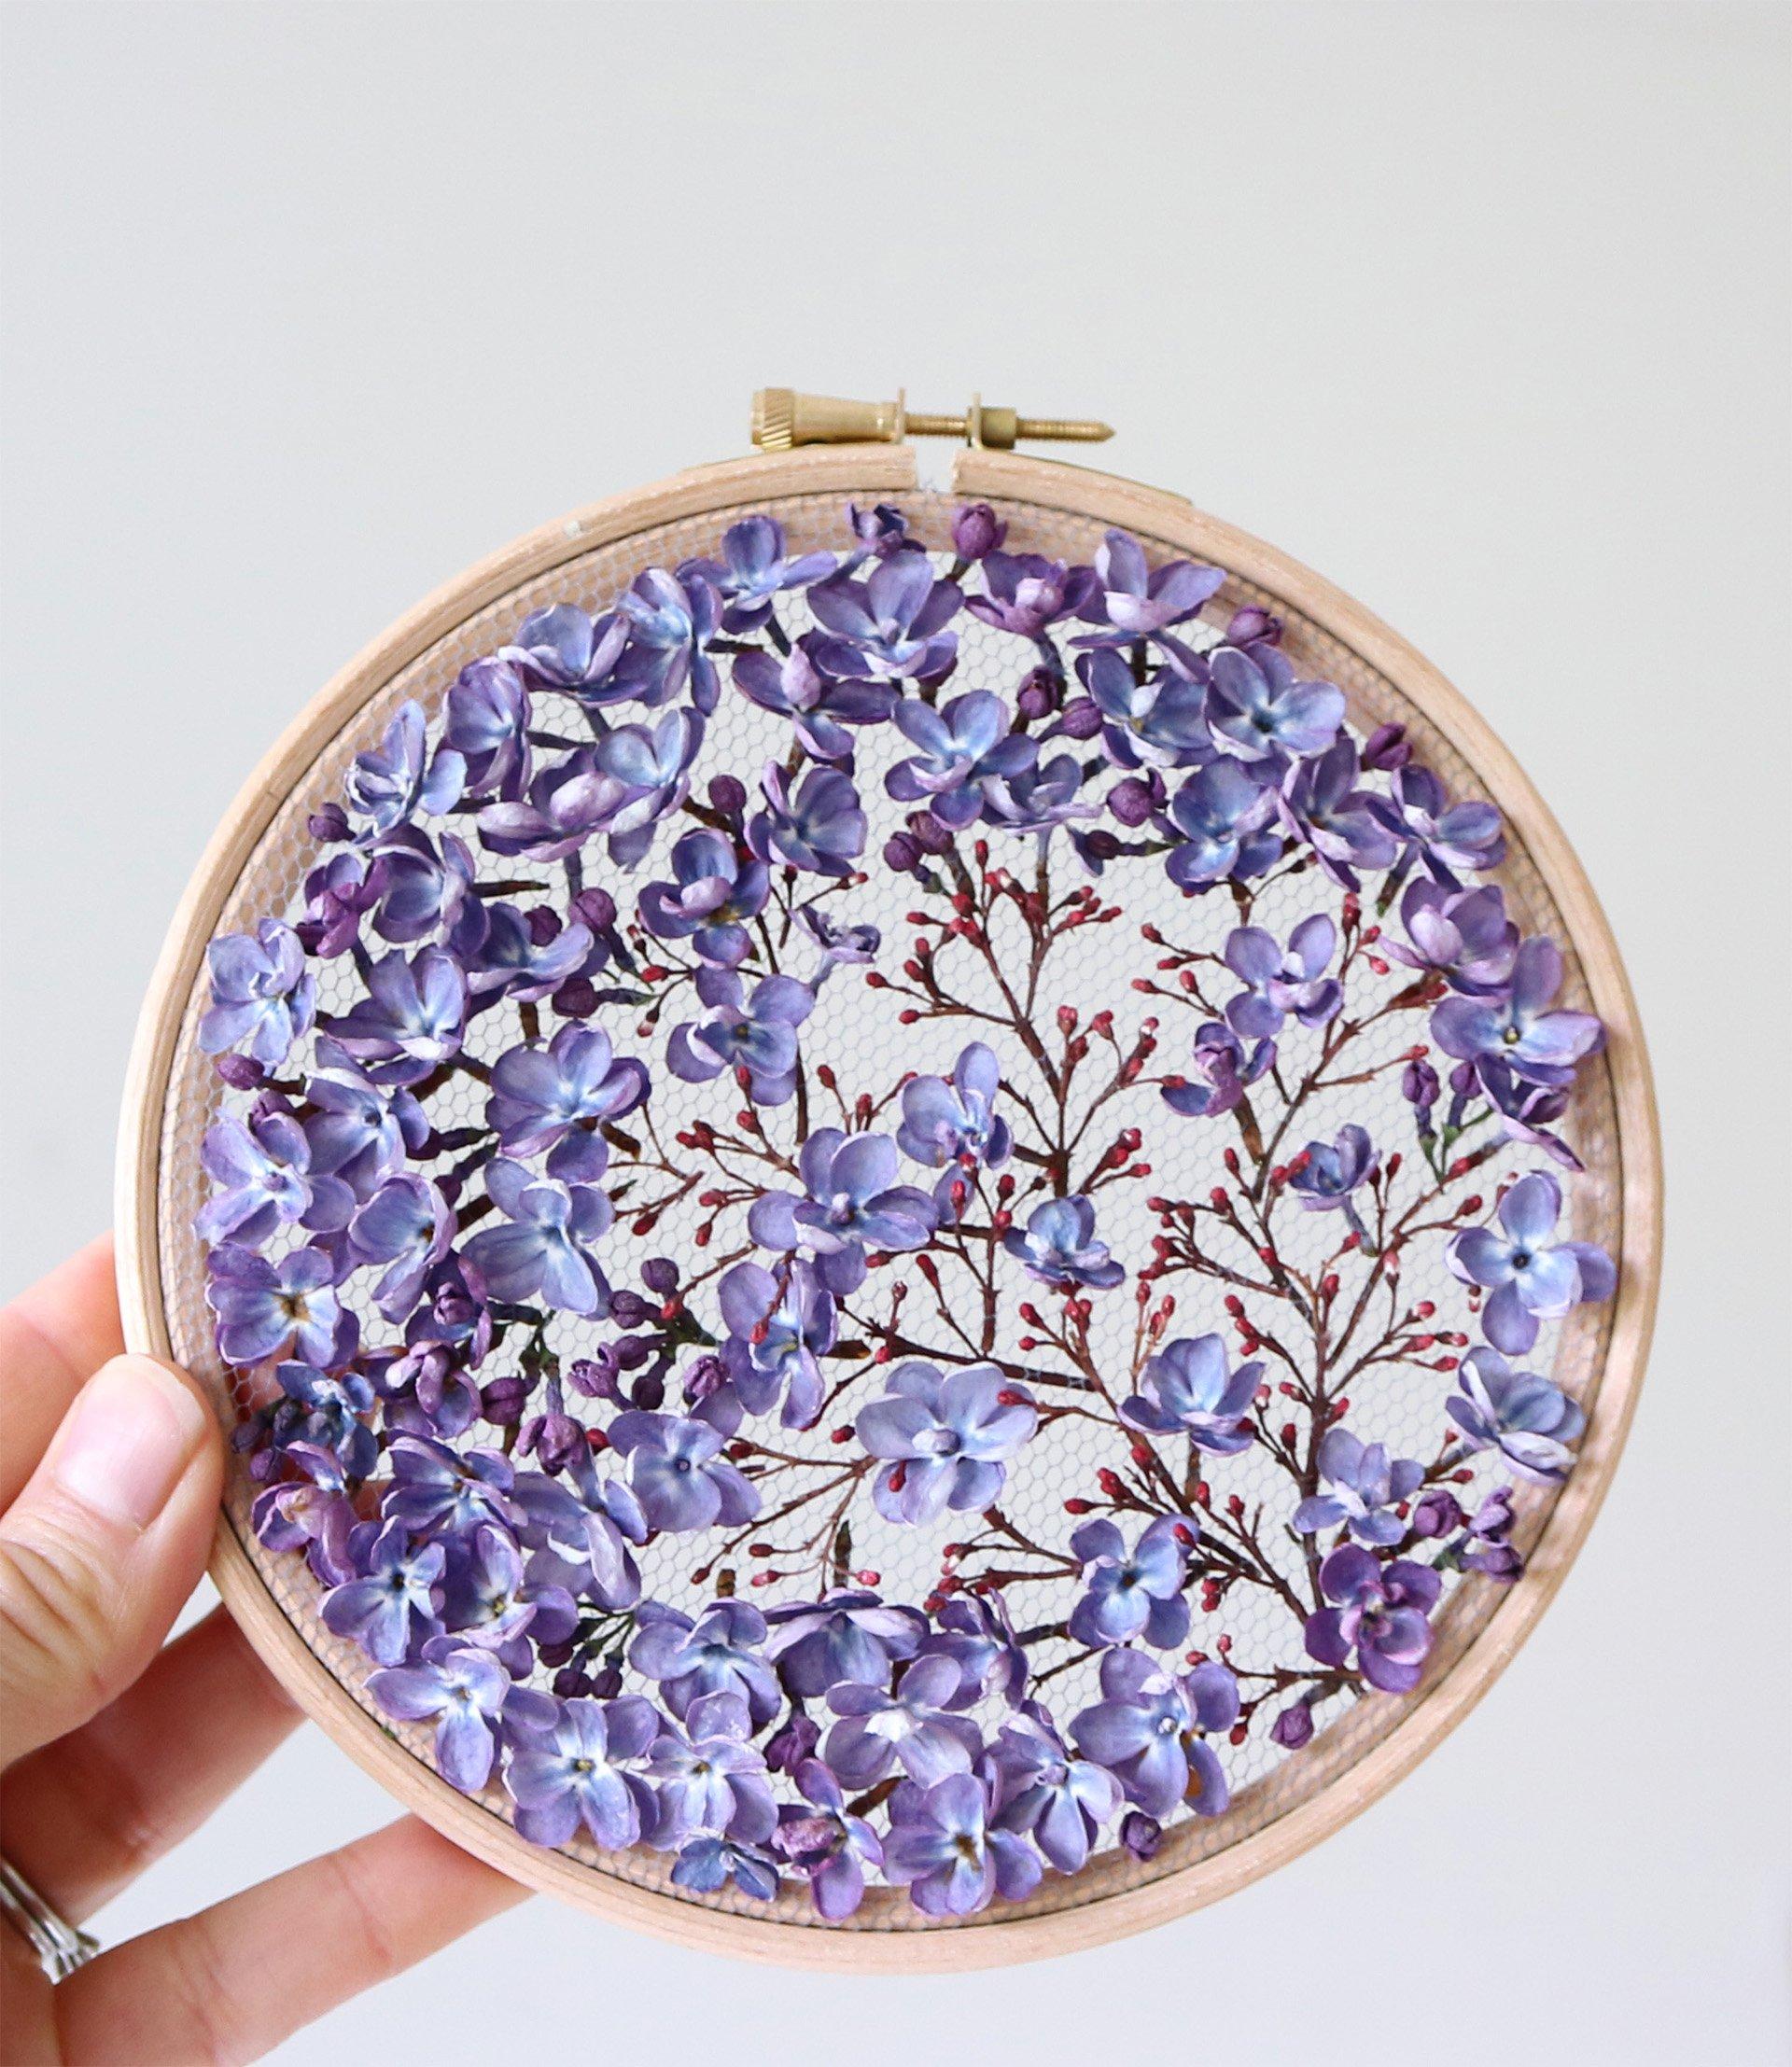 Intervista Olga Prinku, creatrice ricami in tulle, fiori secchi lilla